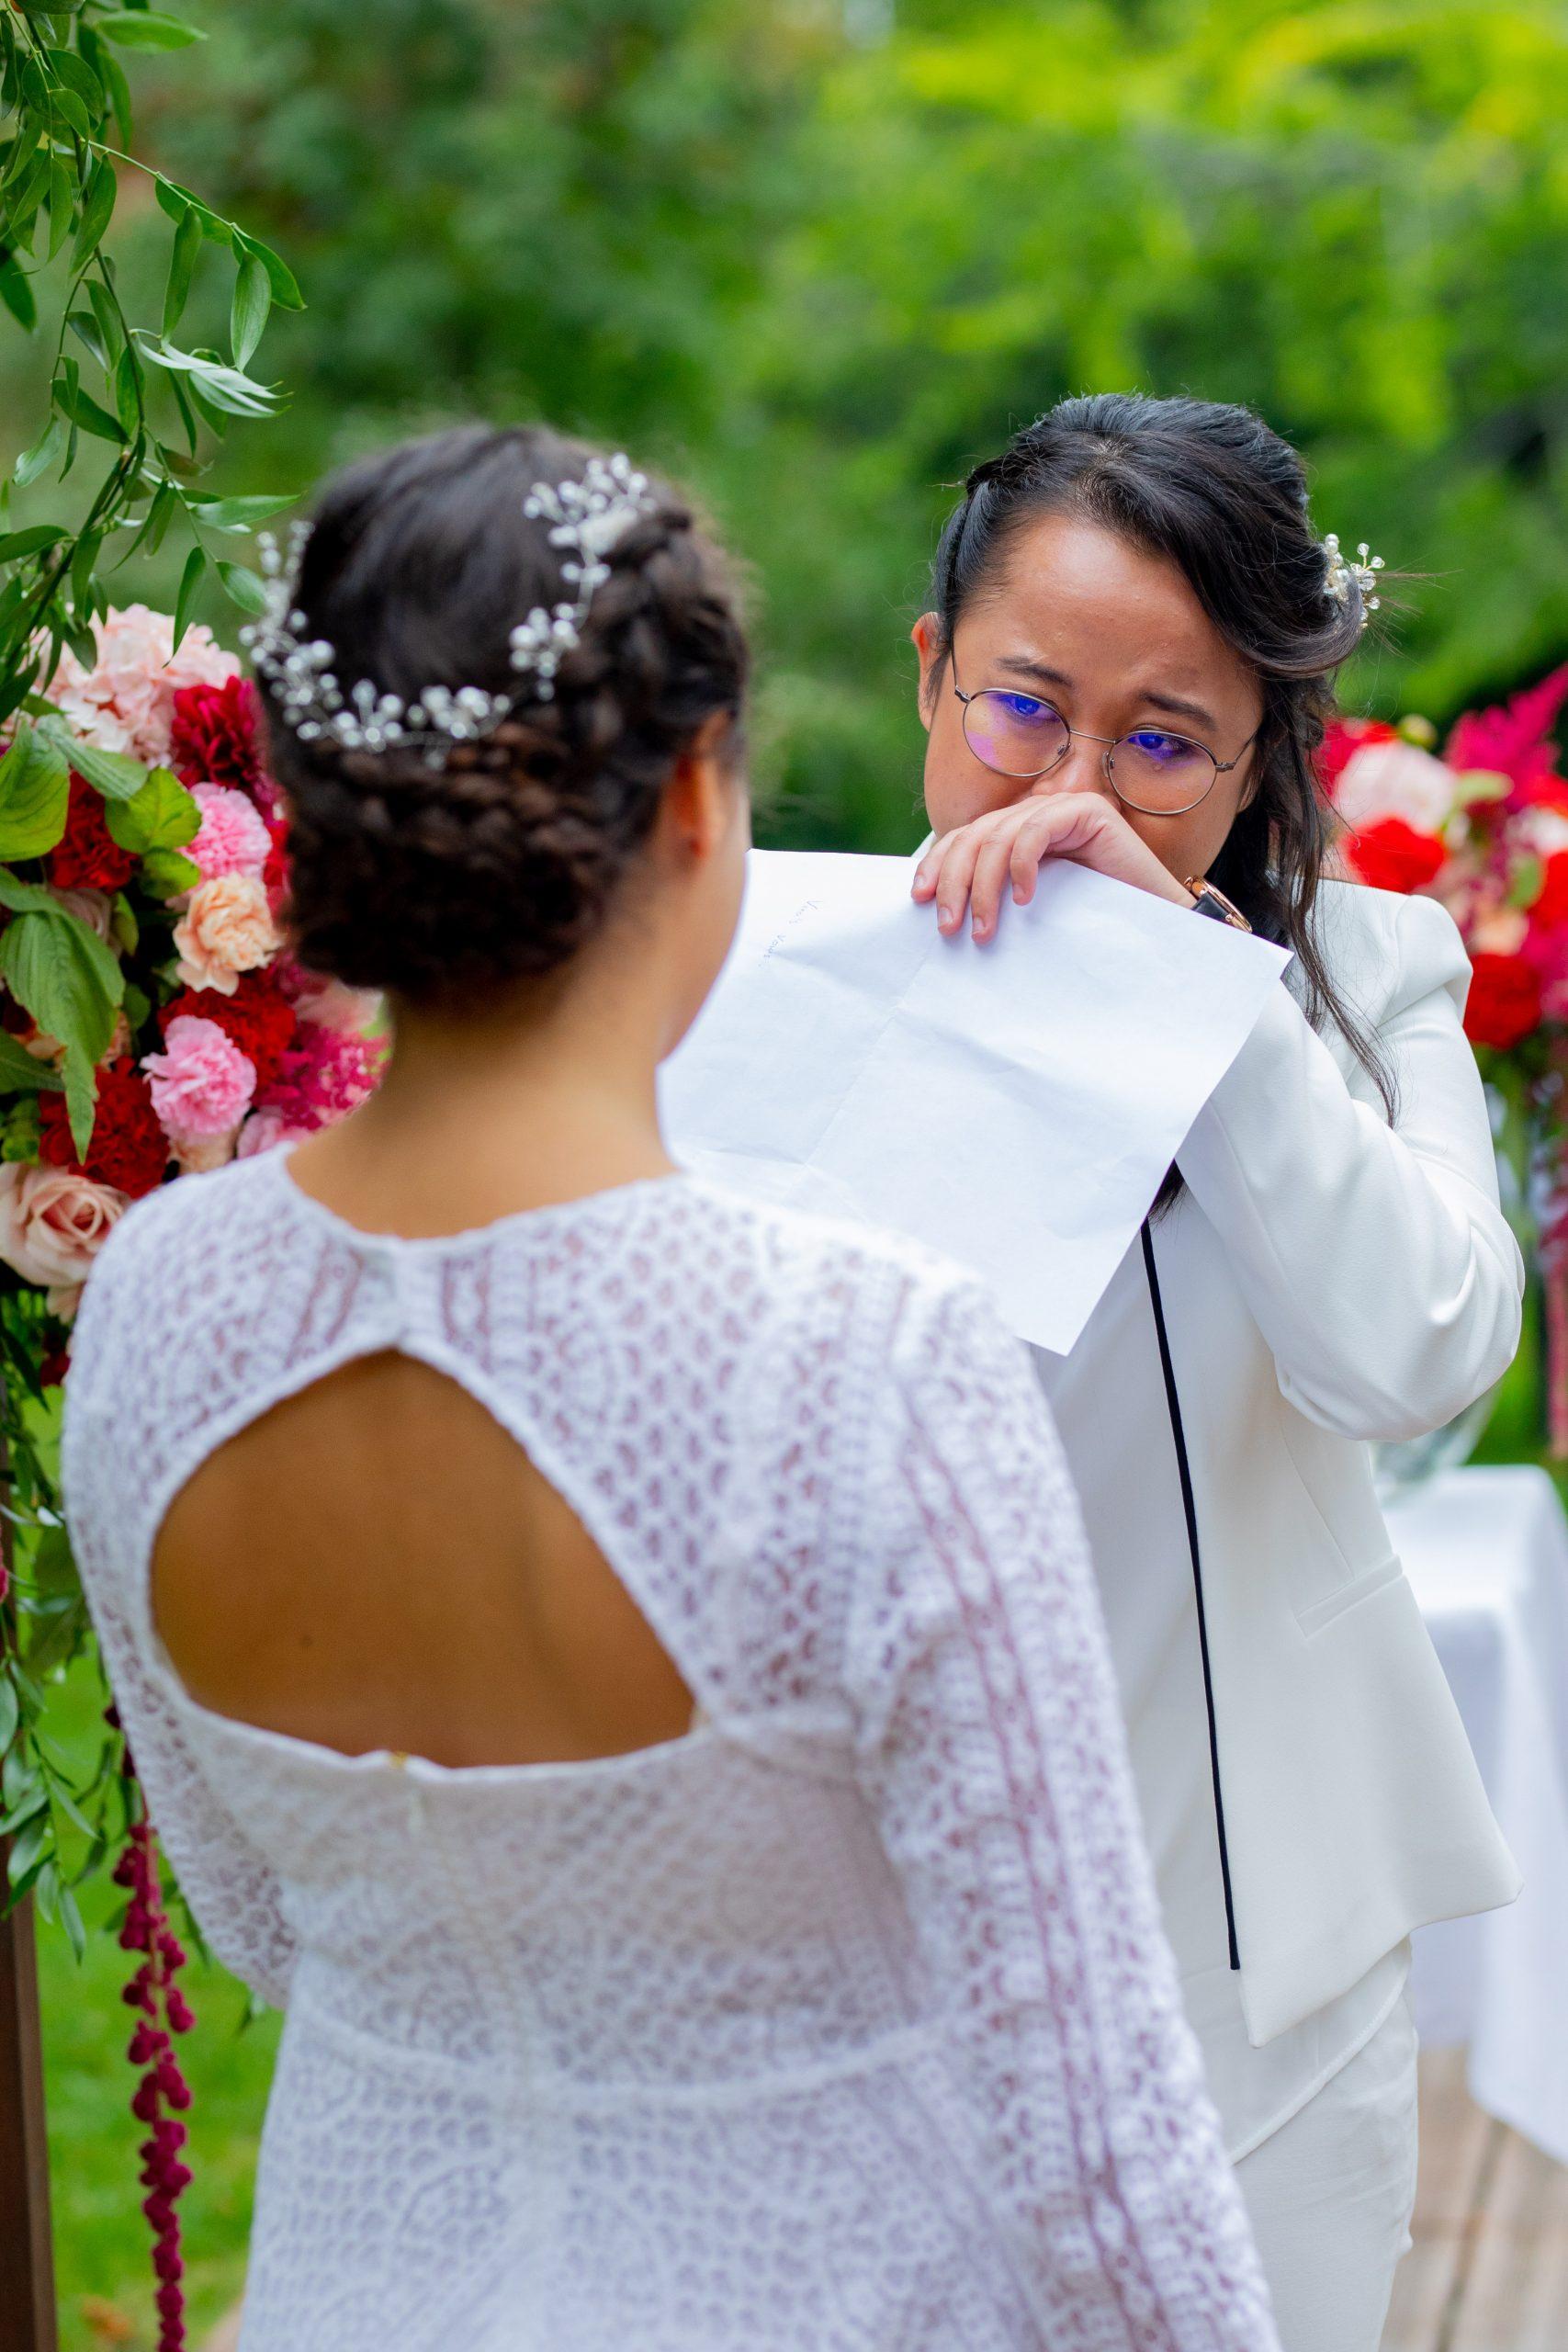 Photographie mariage - Séance couple - Photographe mariage - Paris- Montpellier - Nice - original - détails émotion mariage